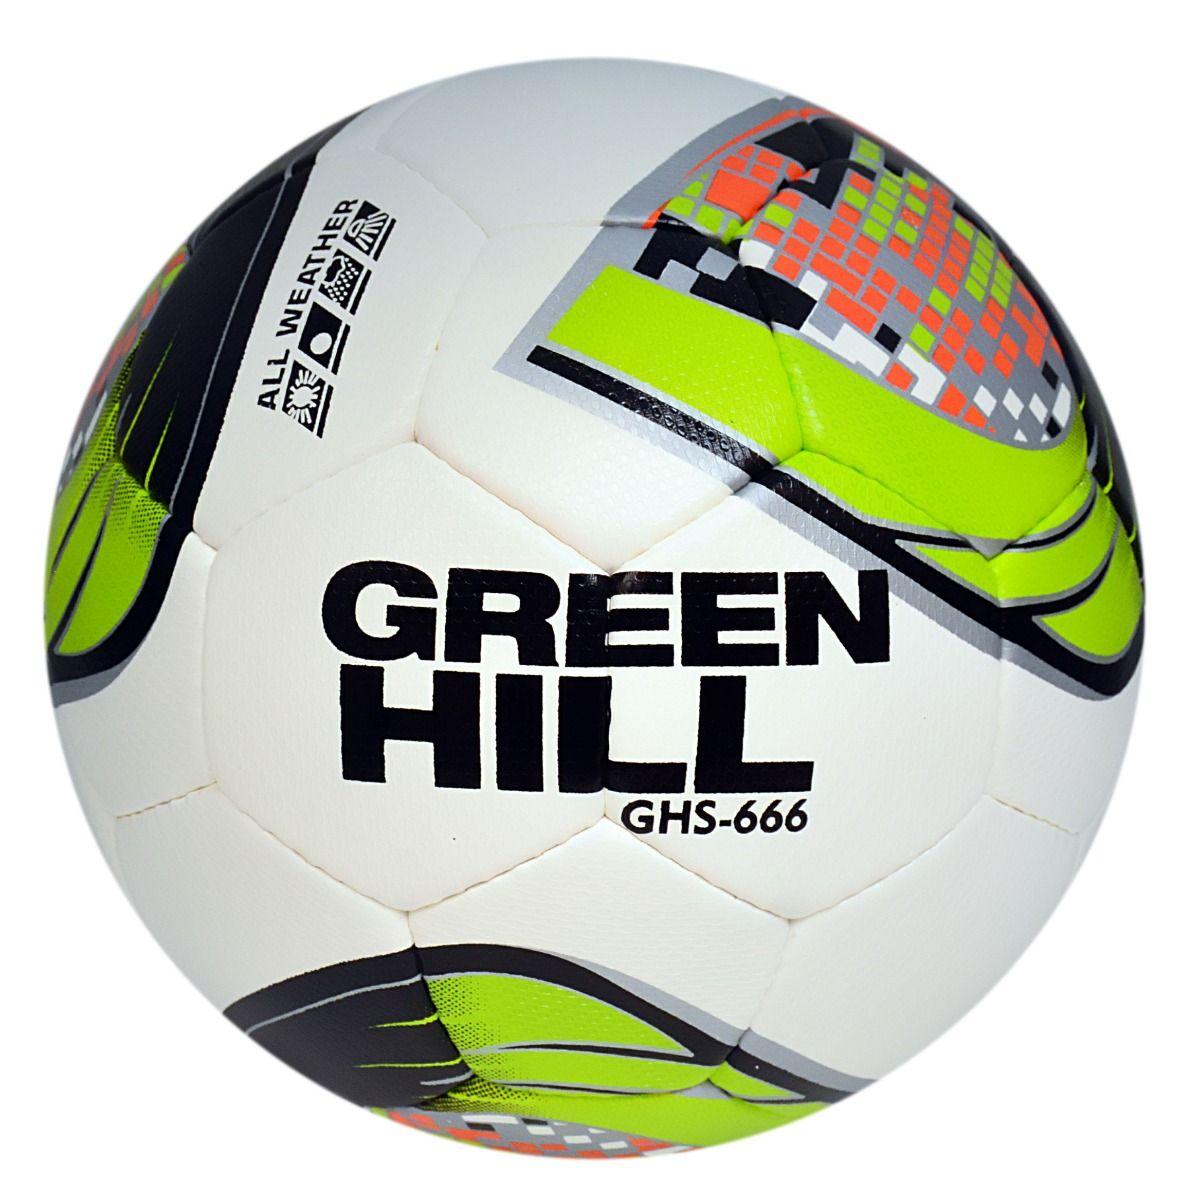 GREEN HILL SOCCER BALL 666